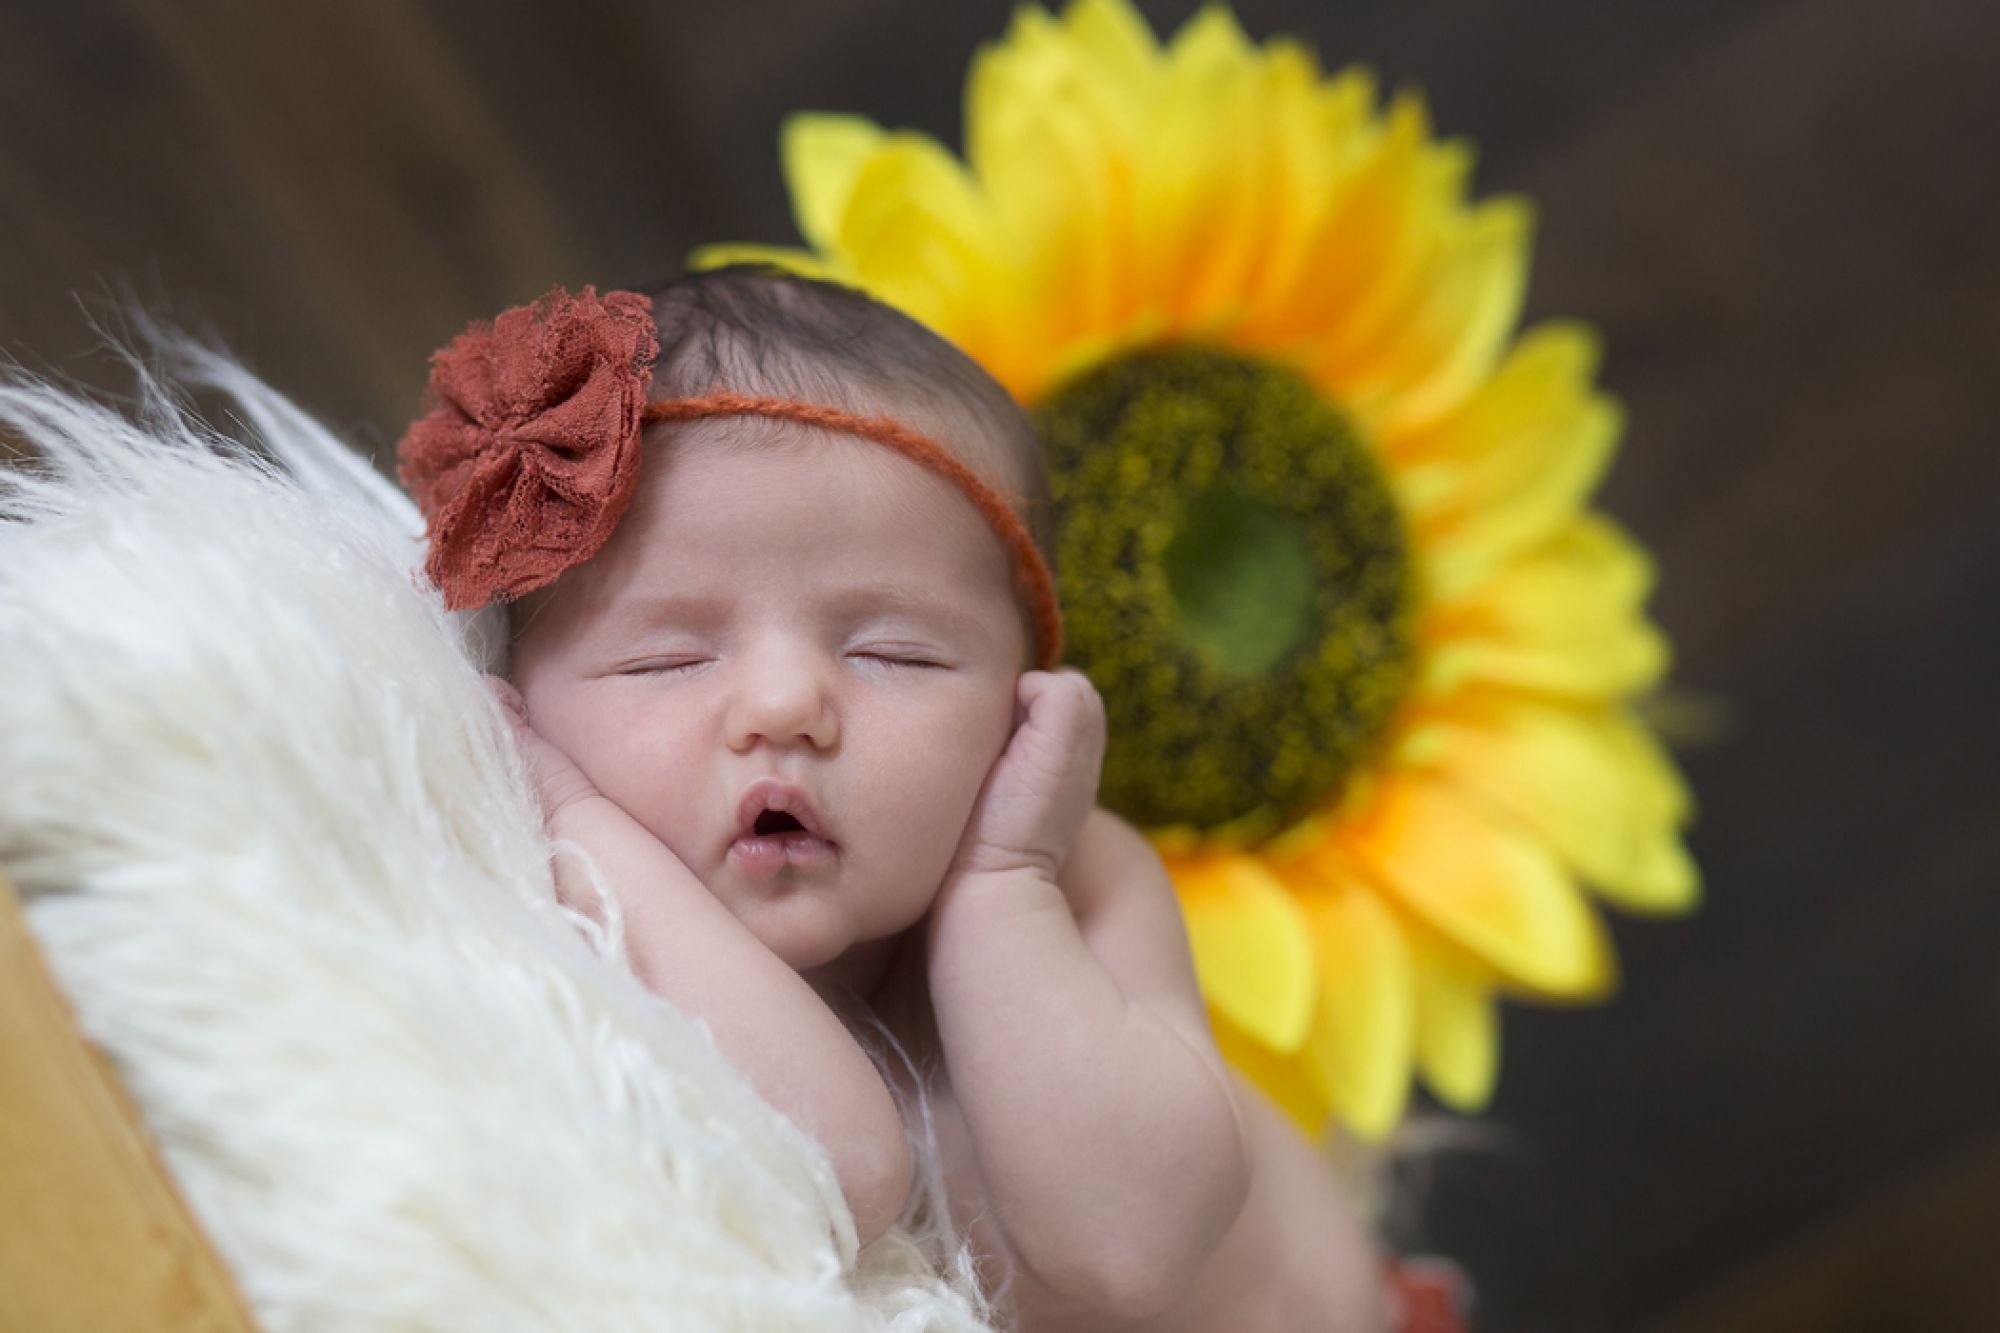 Álbum de fotos de recién nacidos